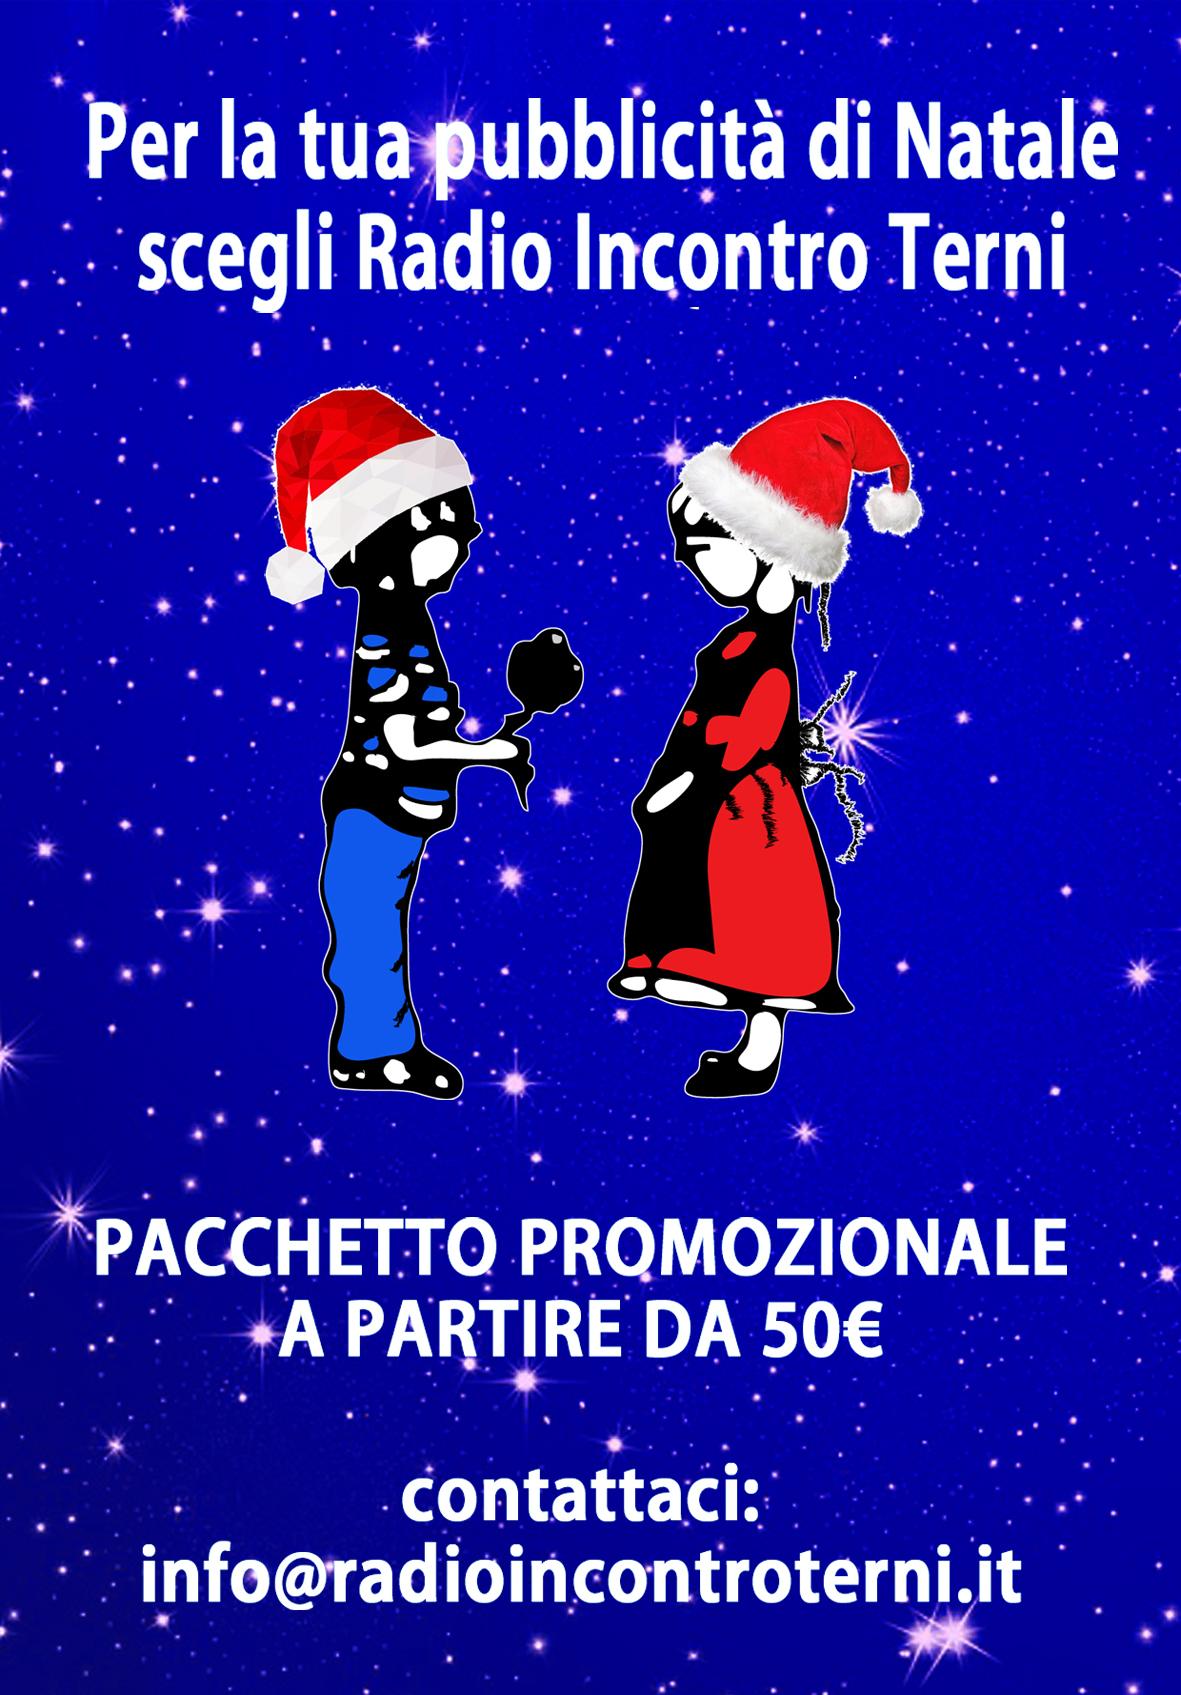 Promozione Natale